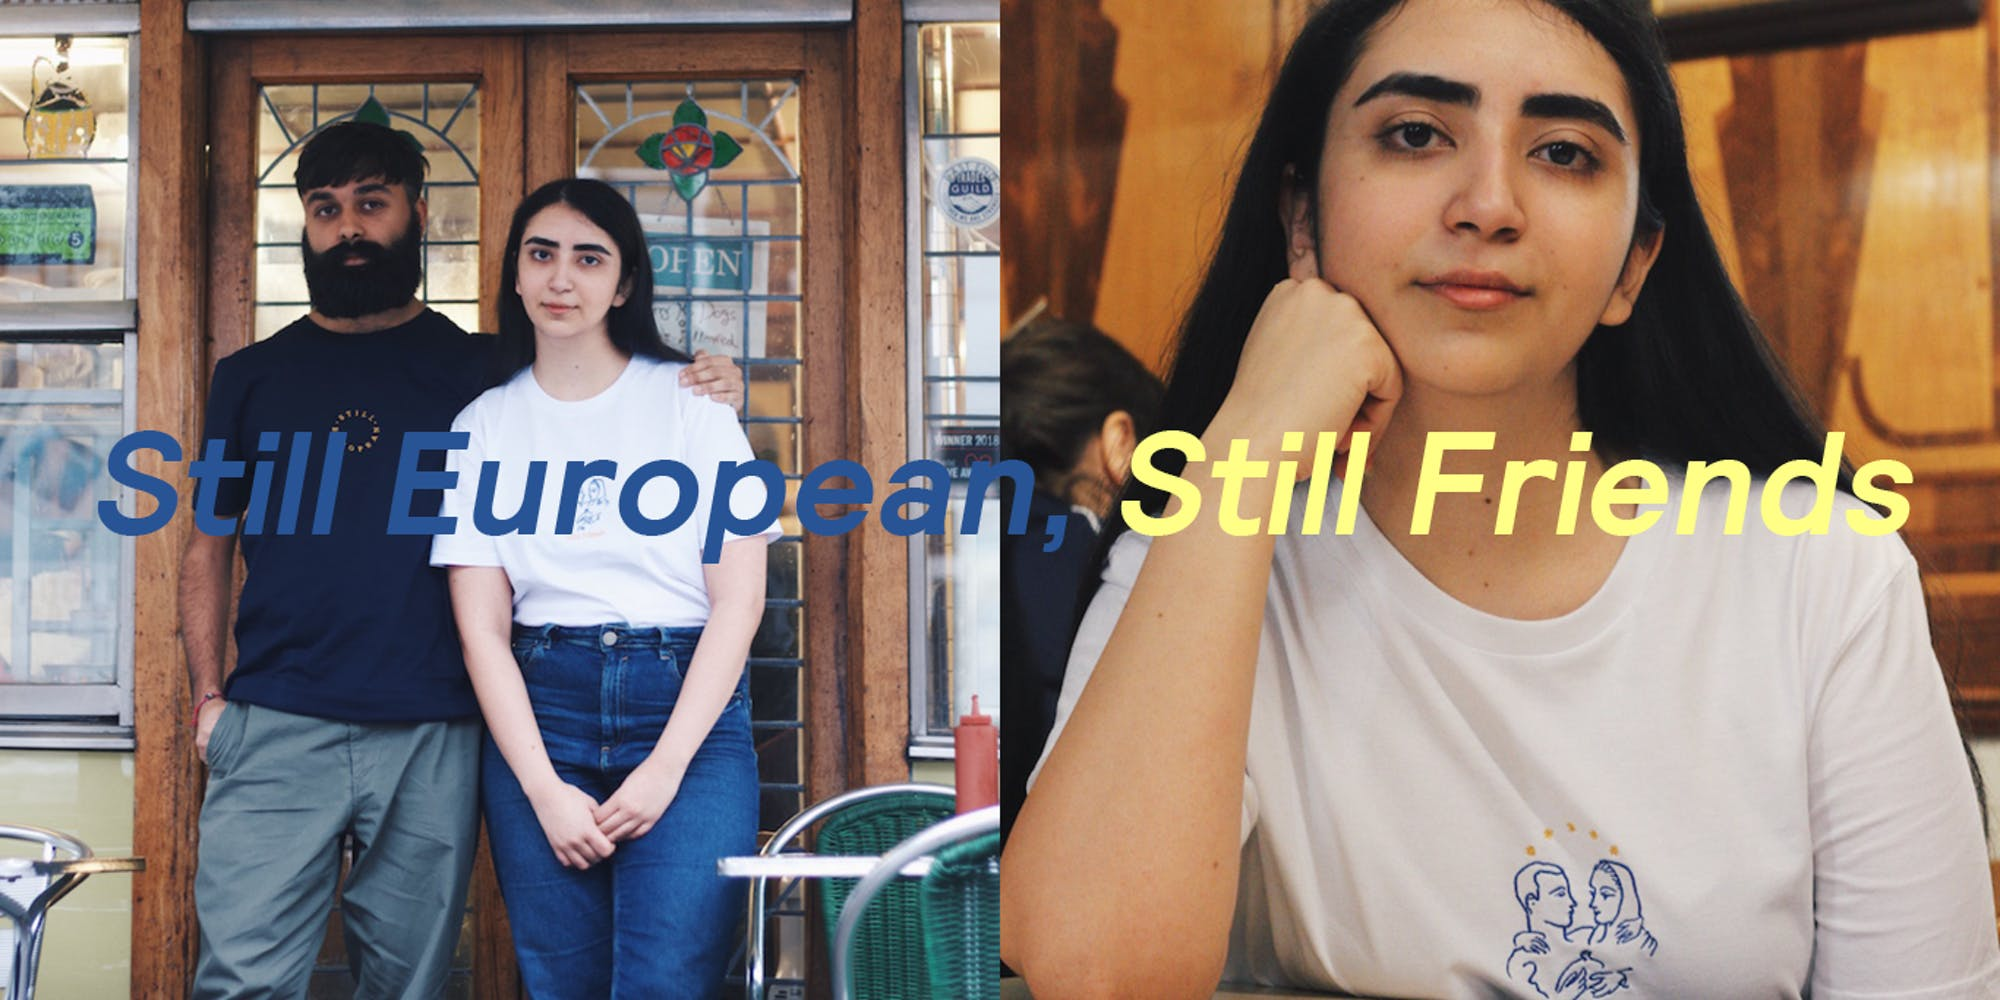 480b1b2fe1 Still European, Still Friends: Reaffirming Community During Brexit £10 – £15